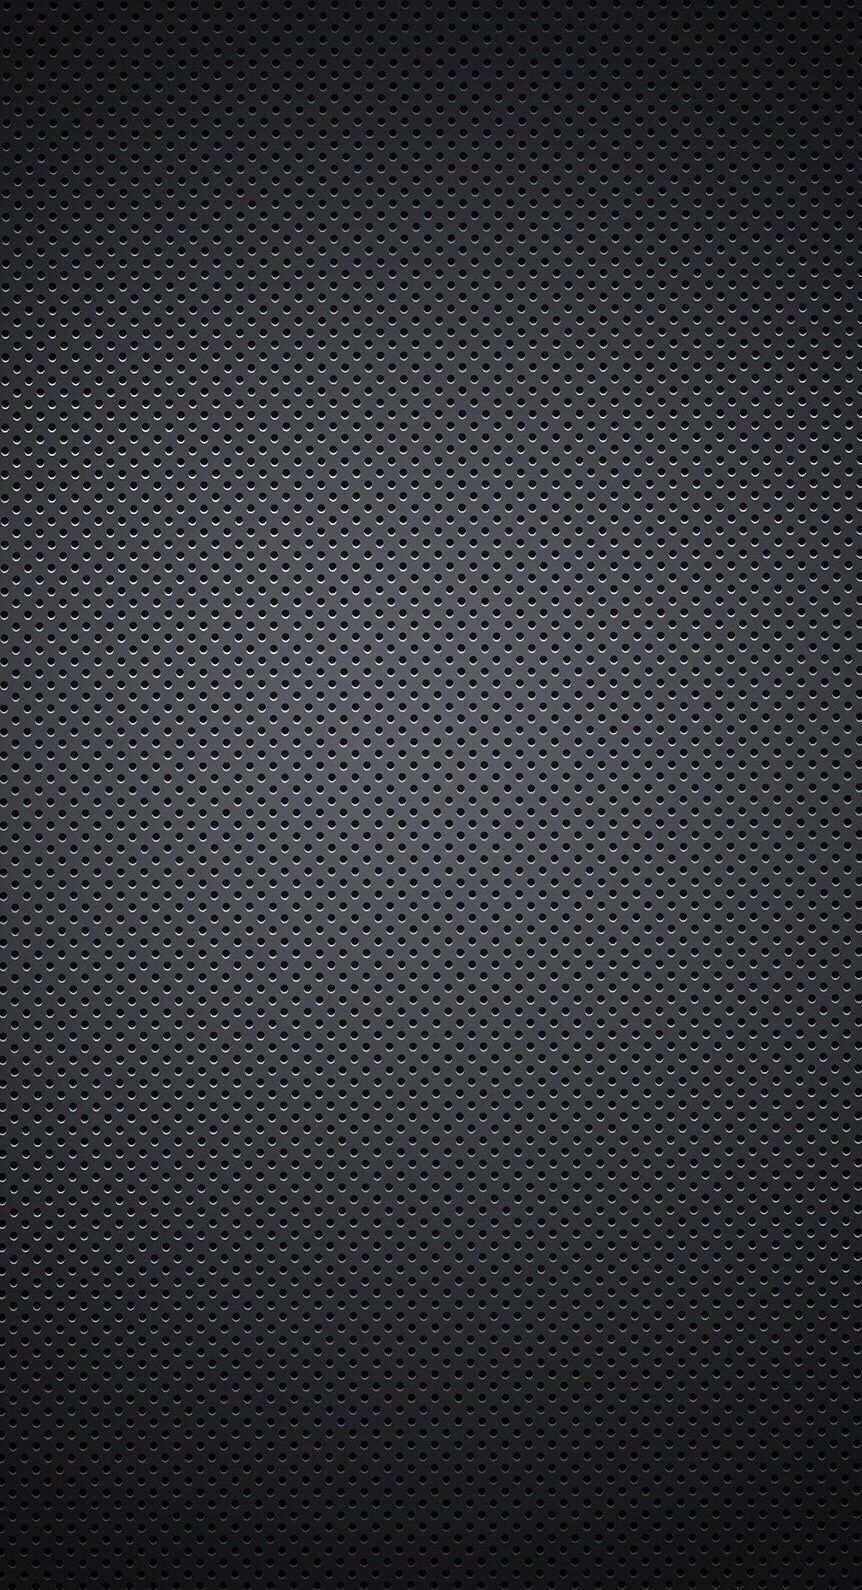 Black Iphone Iphonewallpaper Wallpaper Hintergrund Design Handy Hintergrund Wallpaper Bilder